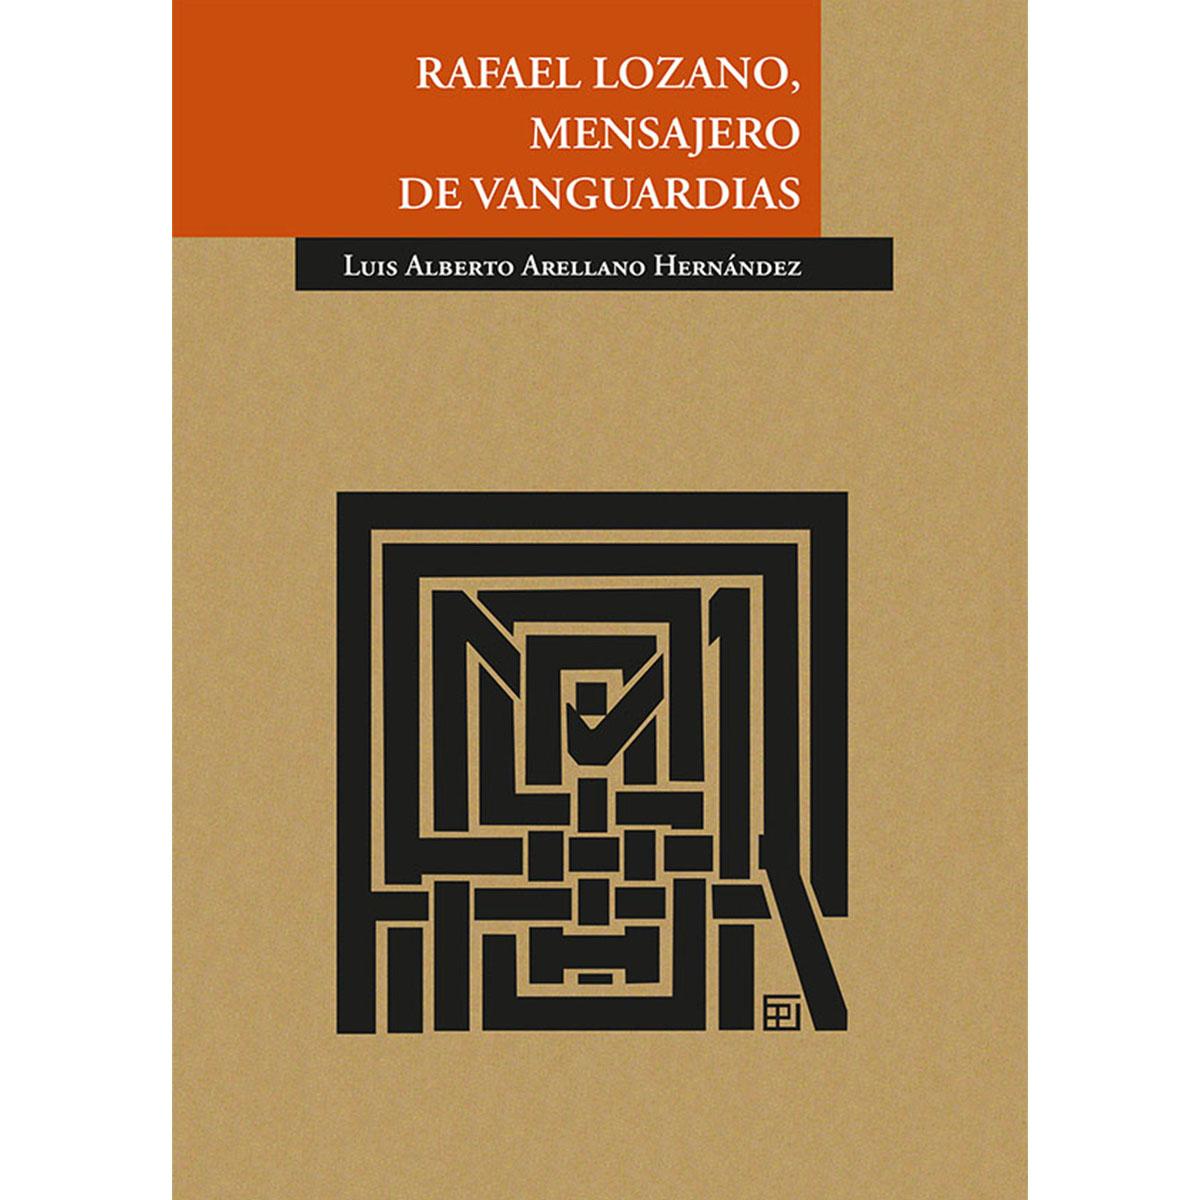 Rafael Lozano, mensajero de vanguardias